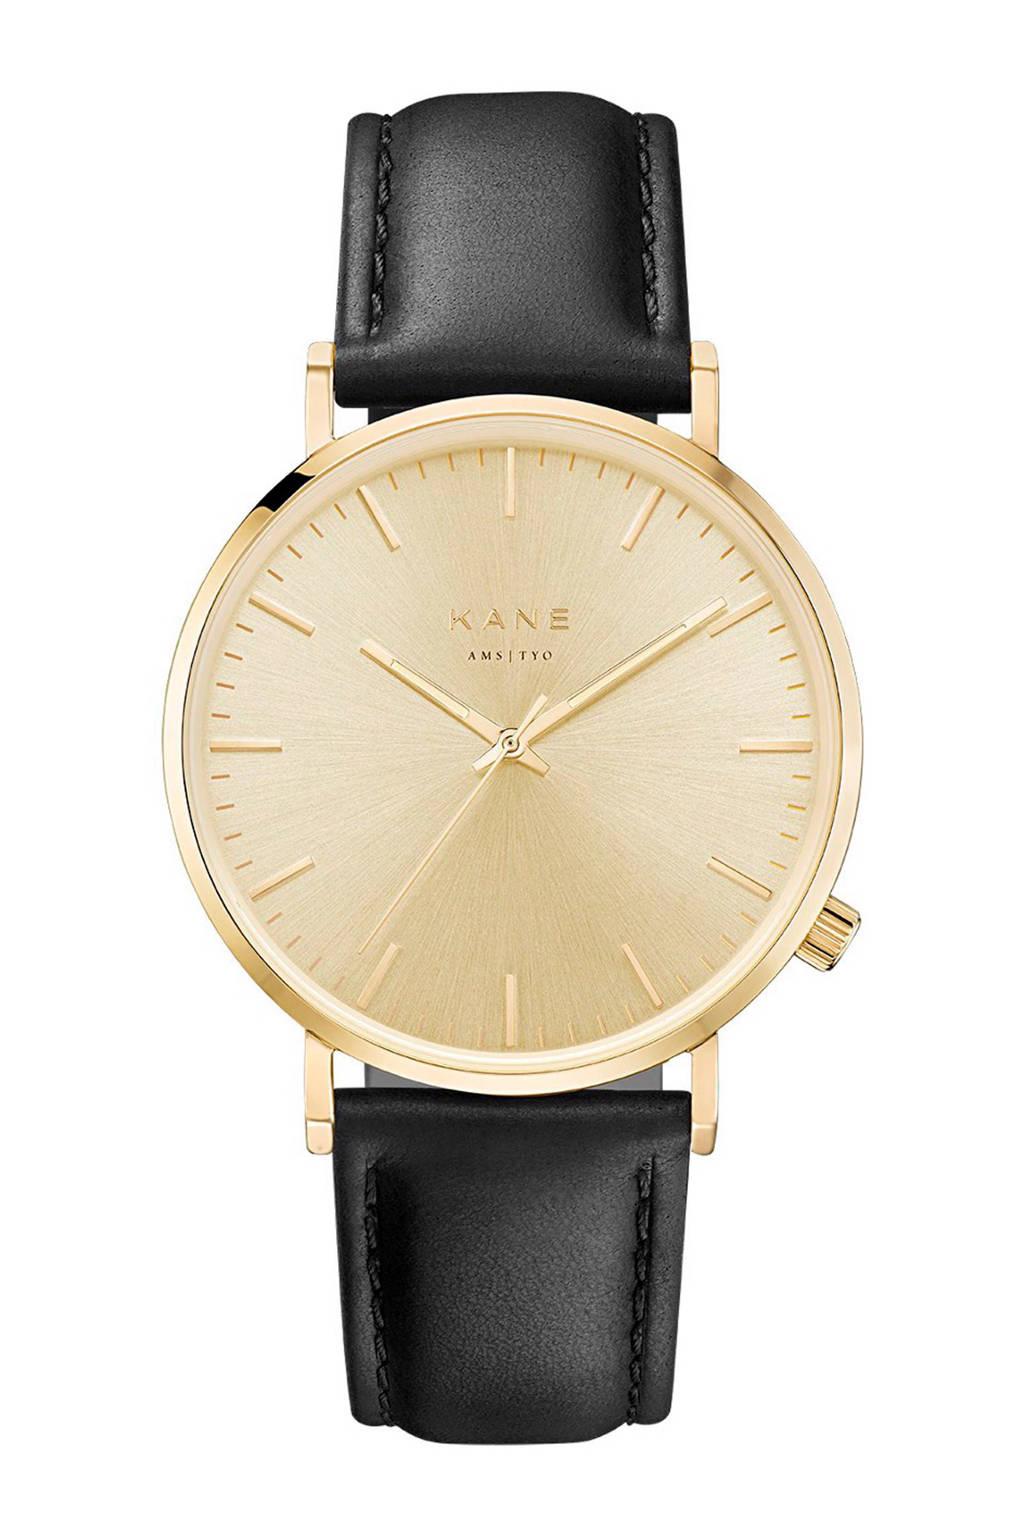 KANE horloge - GG001, Zwart